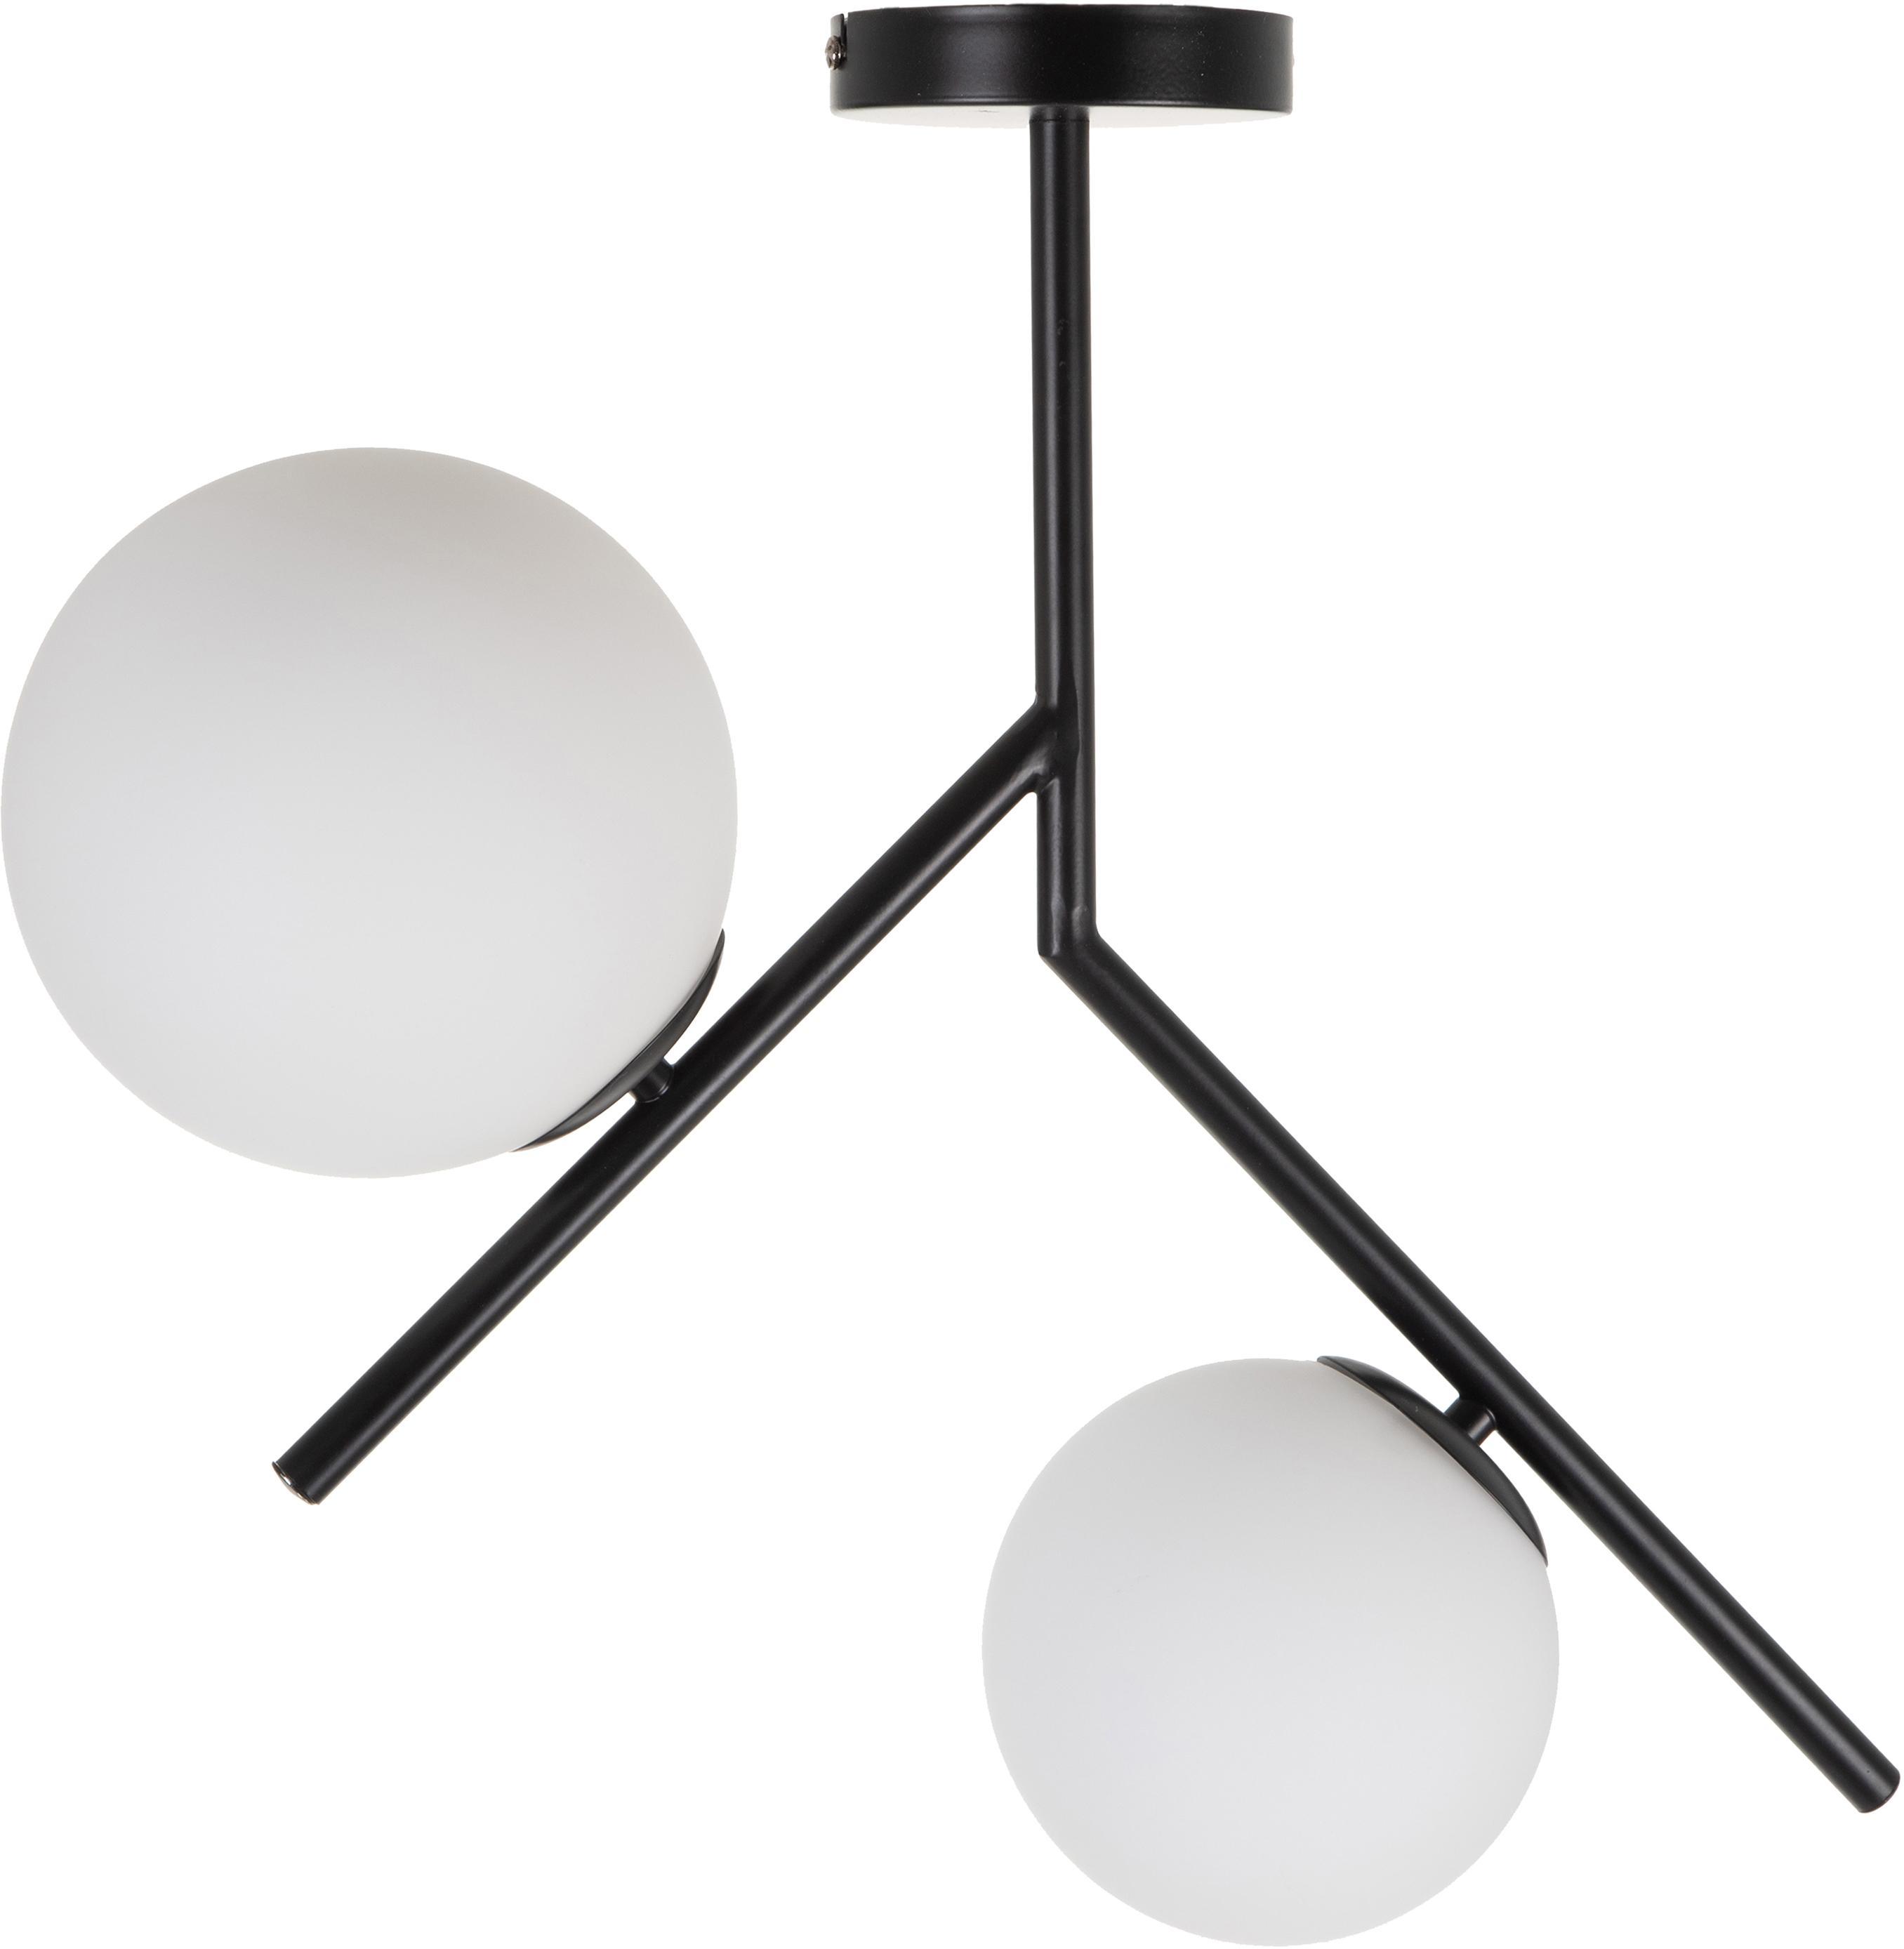 Lampa sufitowa Spheric, Czarny, biały, S 15 x G 58 cm